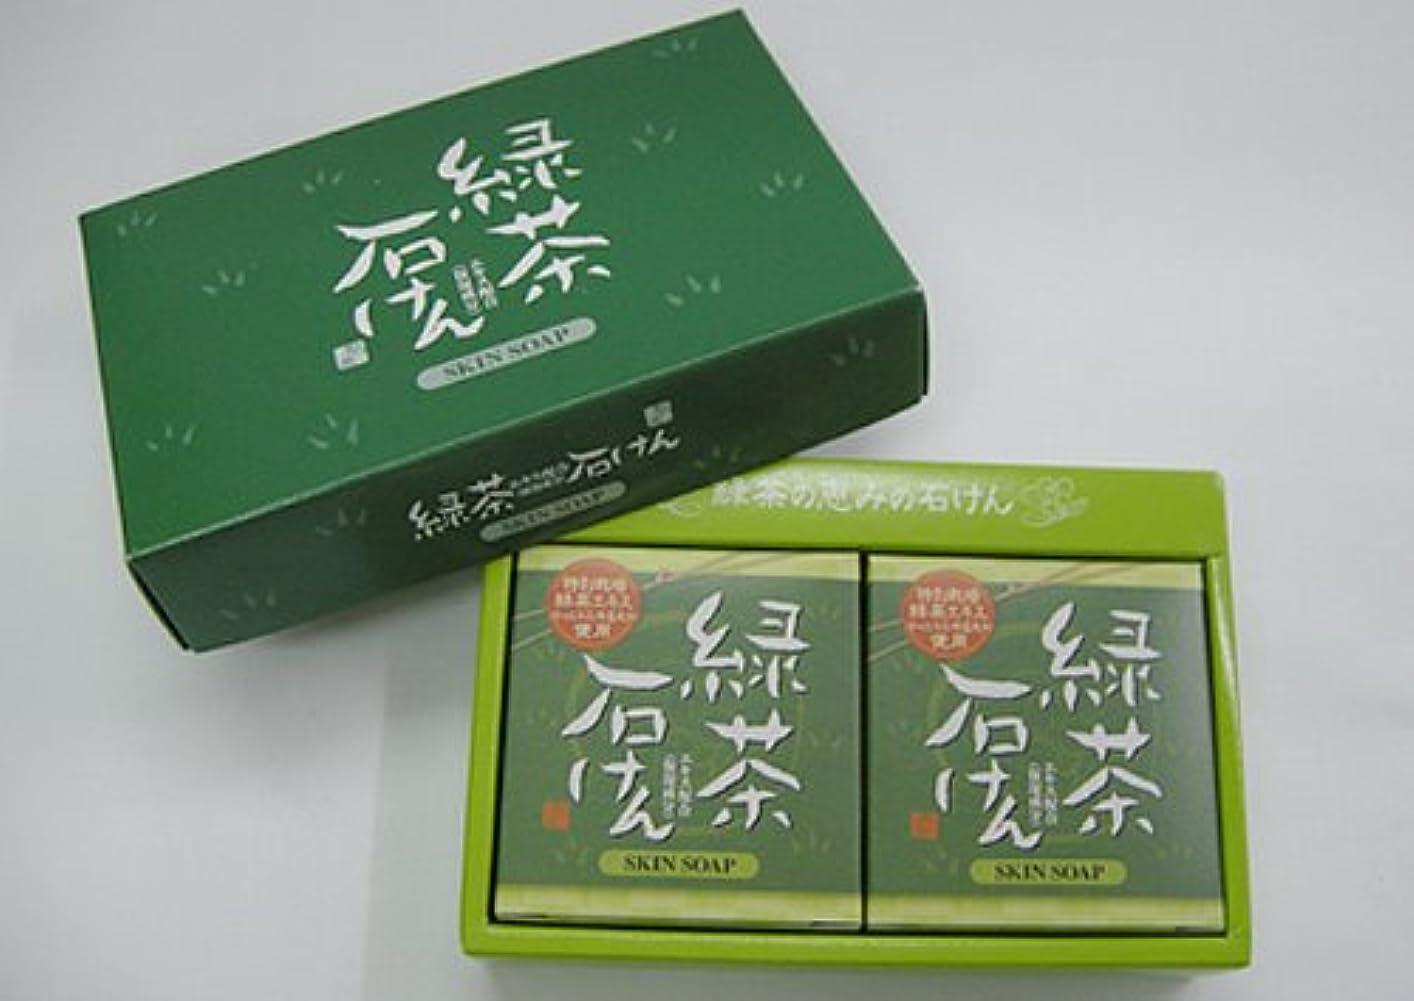 不透明な余裕がある簡略化する緑茶せっけん(緑茶エキス配合石けん)2ヶ入り